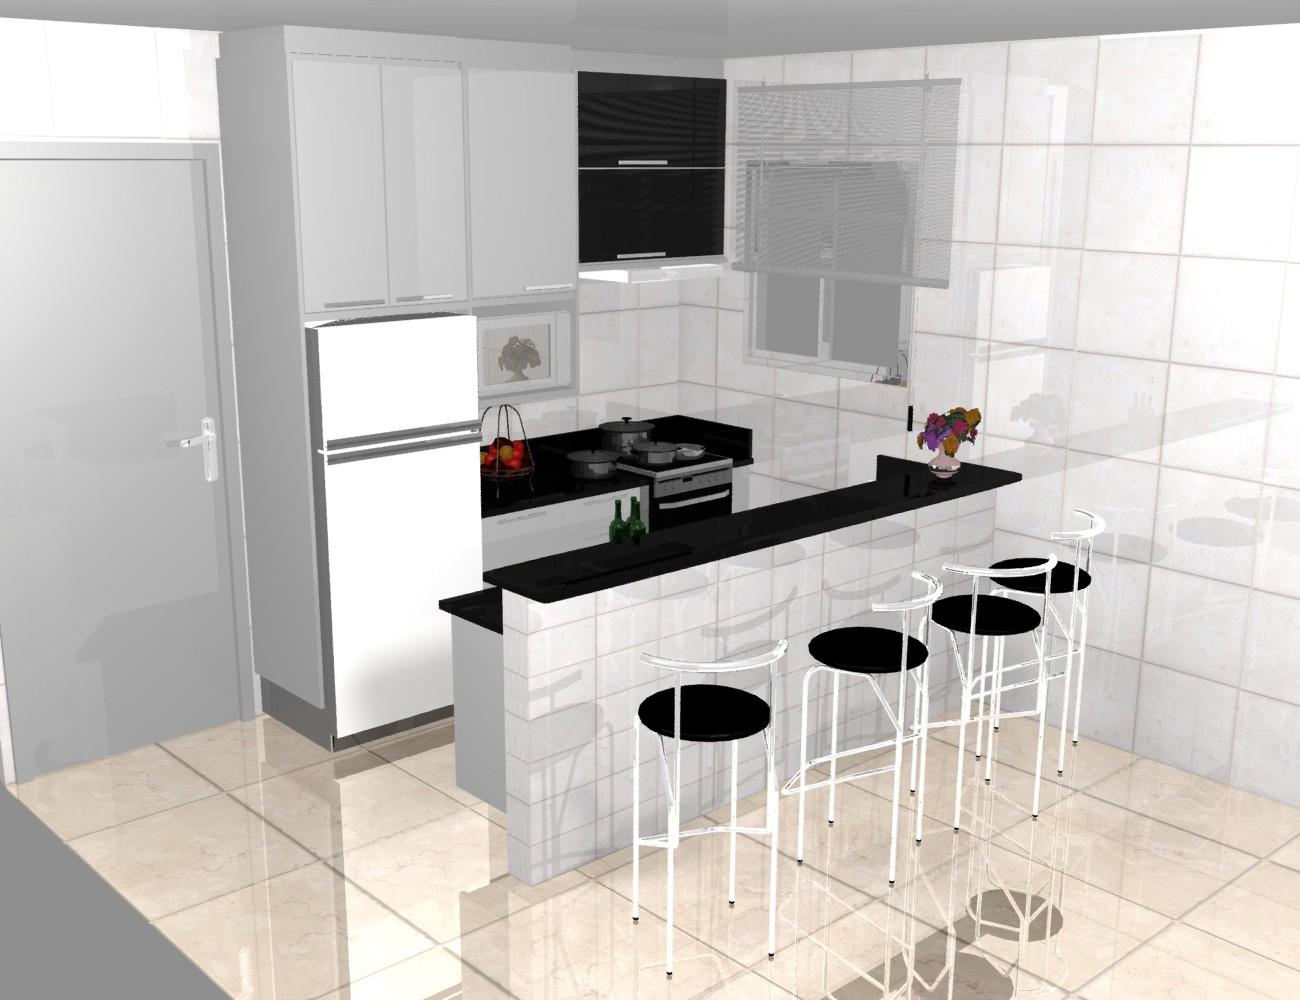 cozinhas planejadas simples bonita pequenas de luxo projeto branca #703324 1300 1000